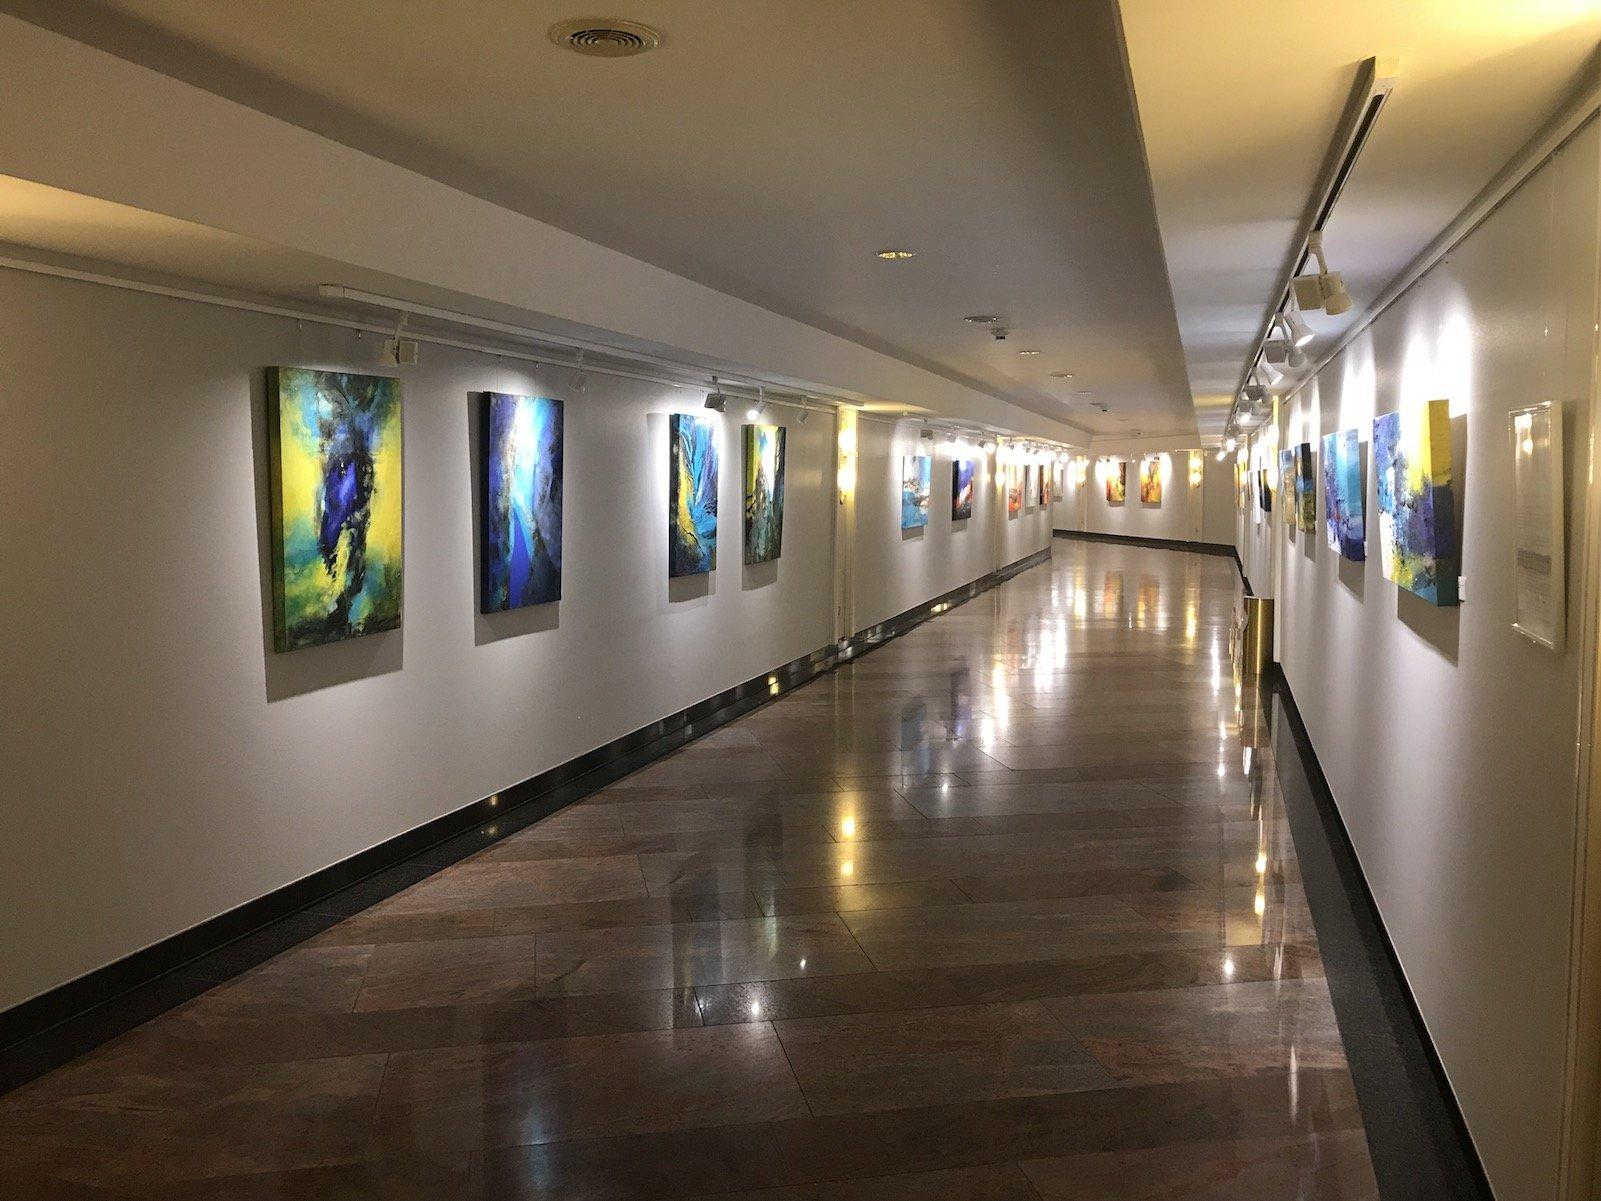 Verbindungsgang zwischen den beiden Maritim Gebäuden mit immer wechselnden Kunstaustellungen